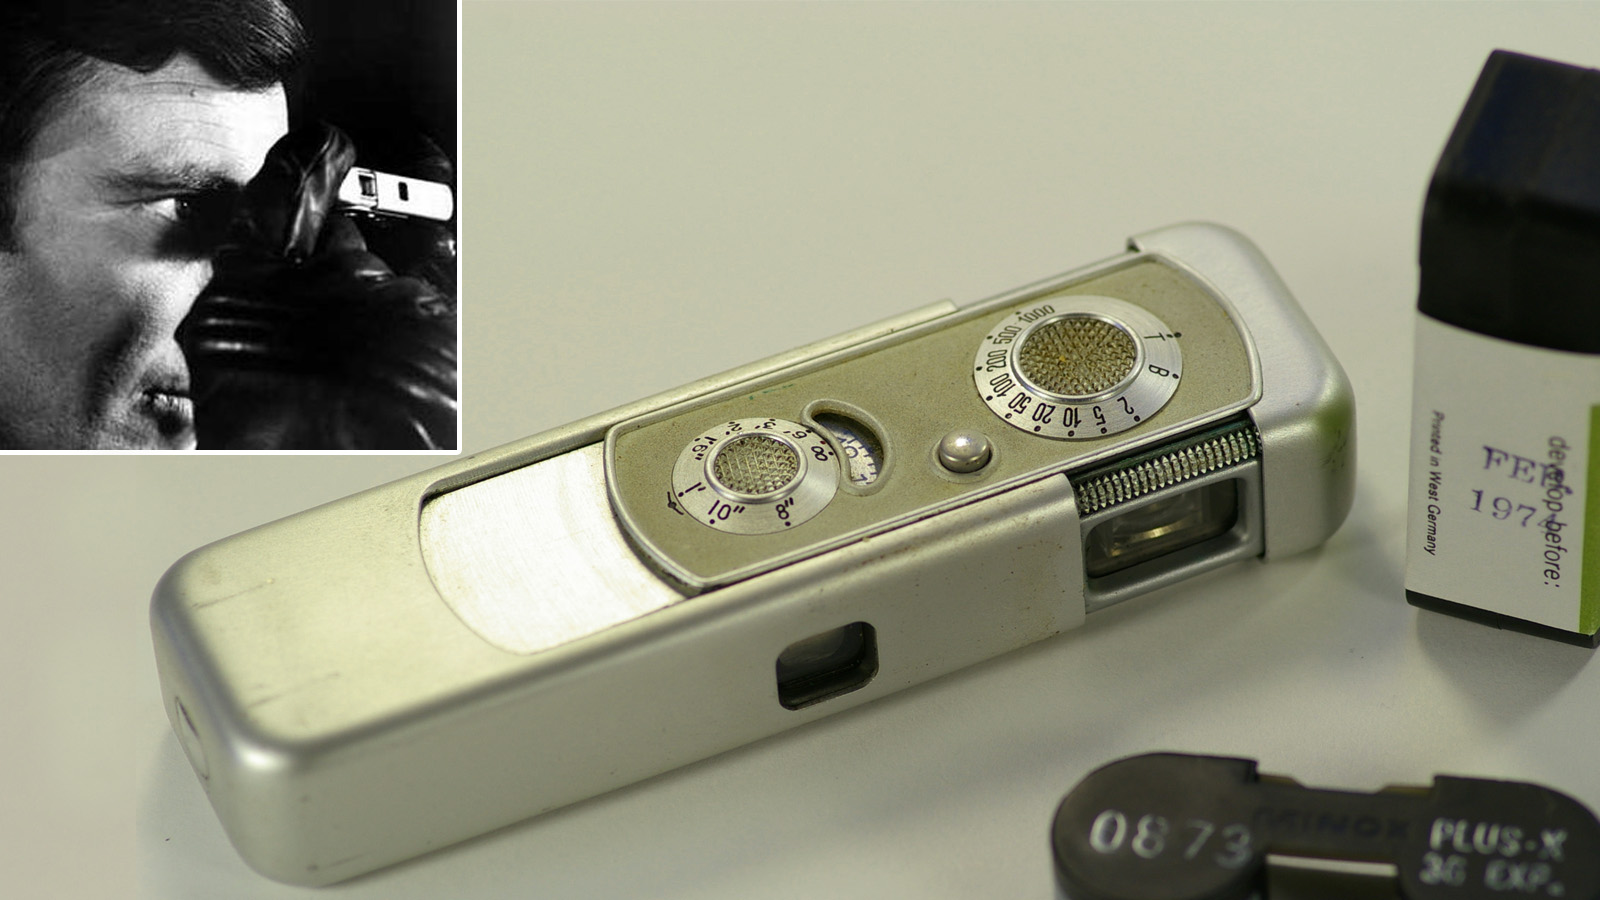 На търга се продаваше и тази миниатюрна камера Minox, която Джеймс Бонд използва във филма В тайна служба на Нейно Величество (1969).